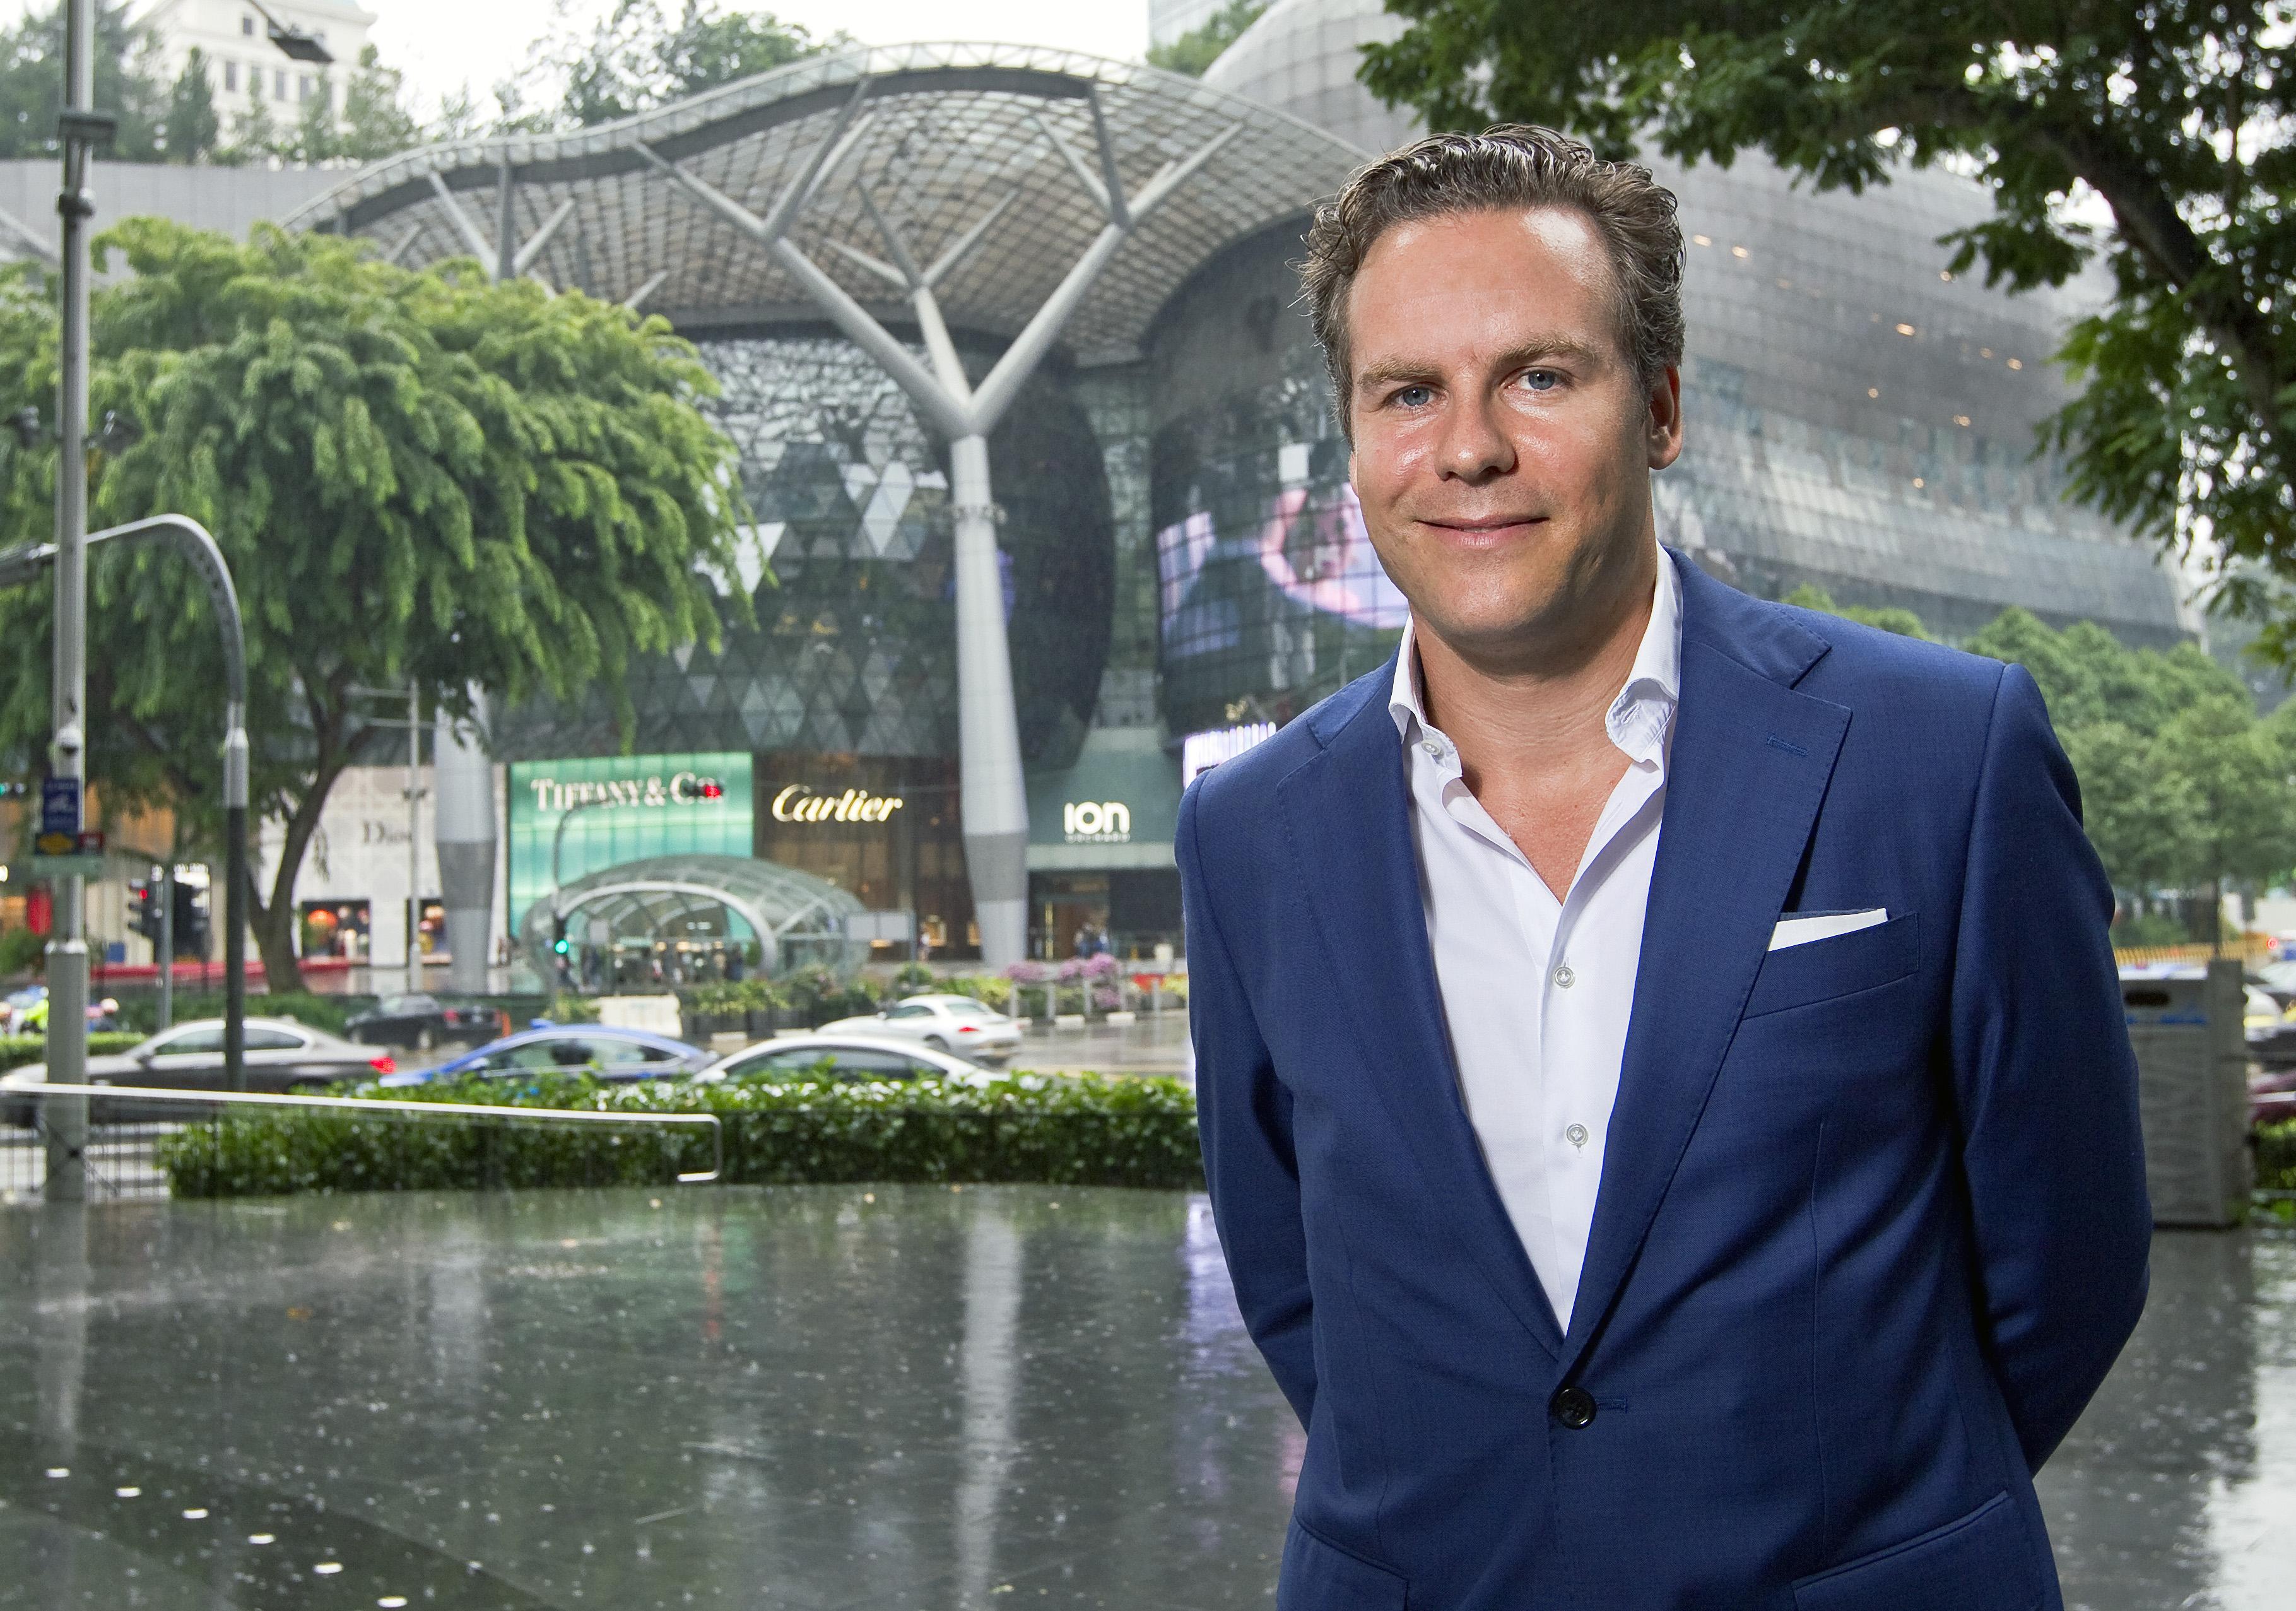 Floris Weisz van IMG in Singapore voor zijn kantoor. FOTO: RAYMOND KERCKHOFFS